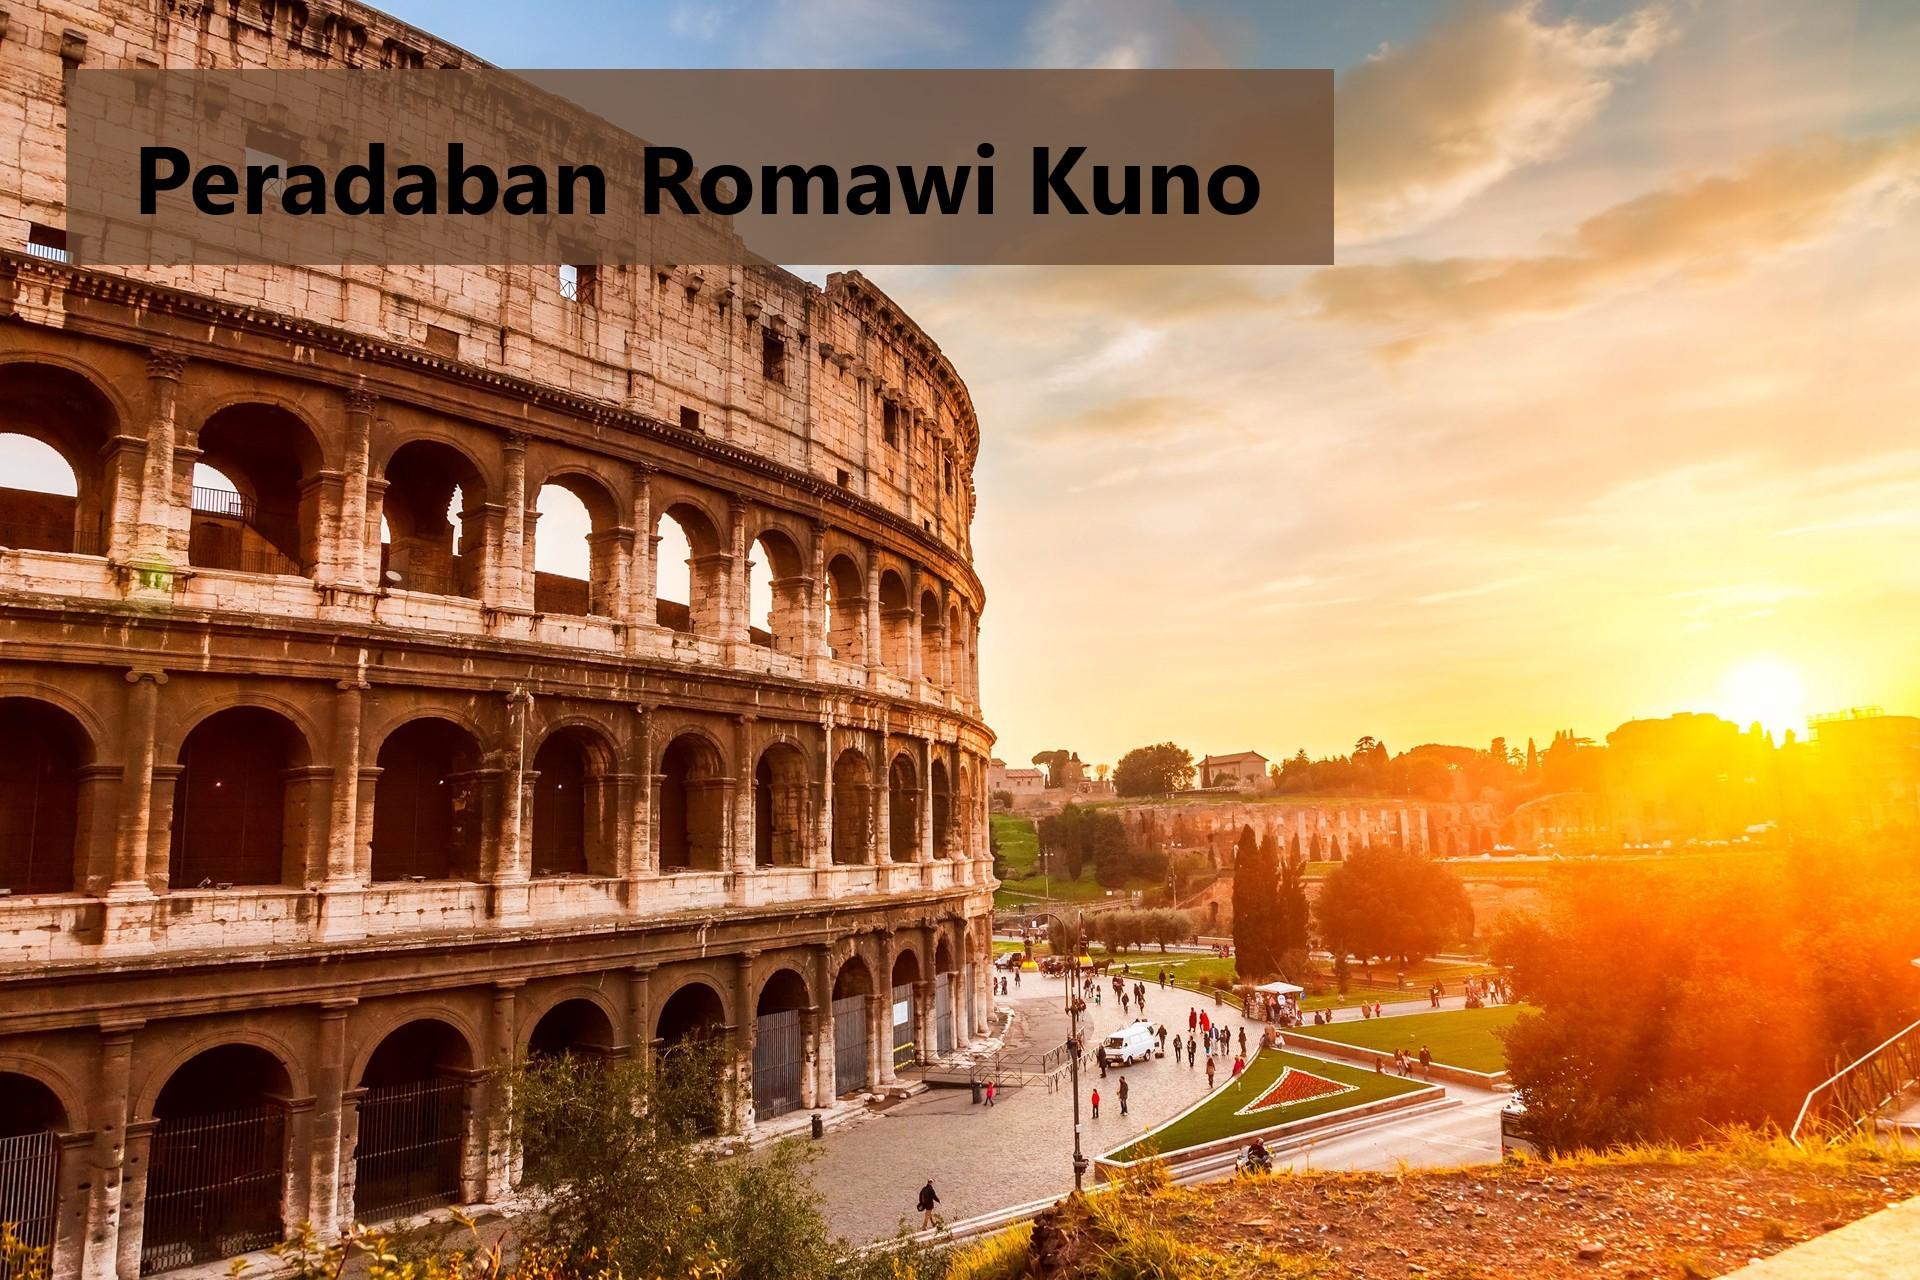 Peradaban Romawi Kuno Dengan Sistem Pemerintahannya